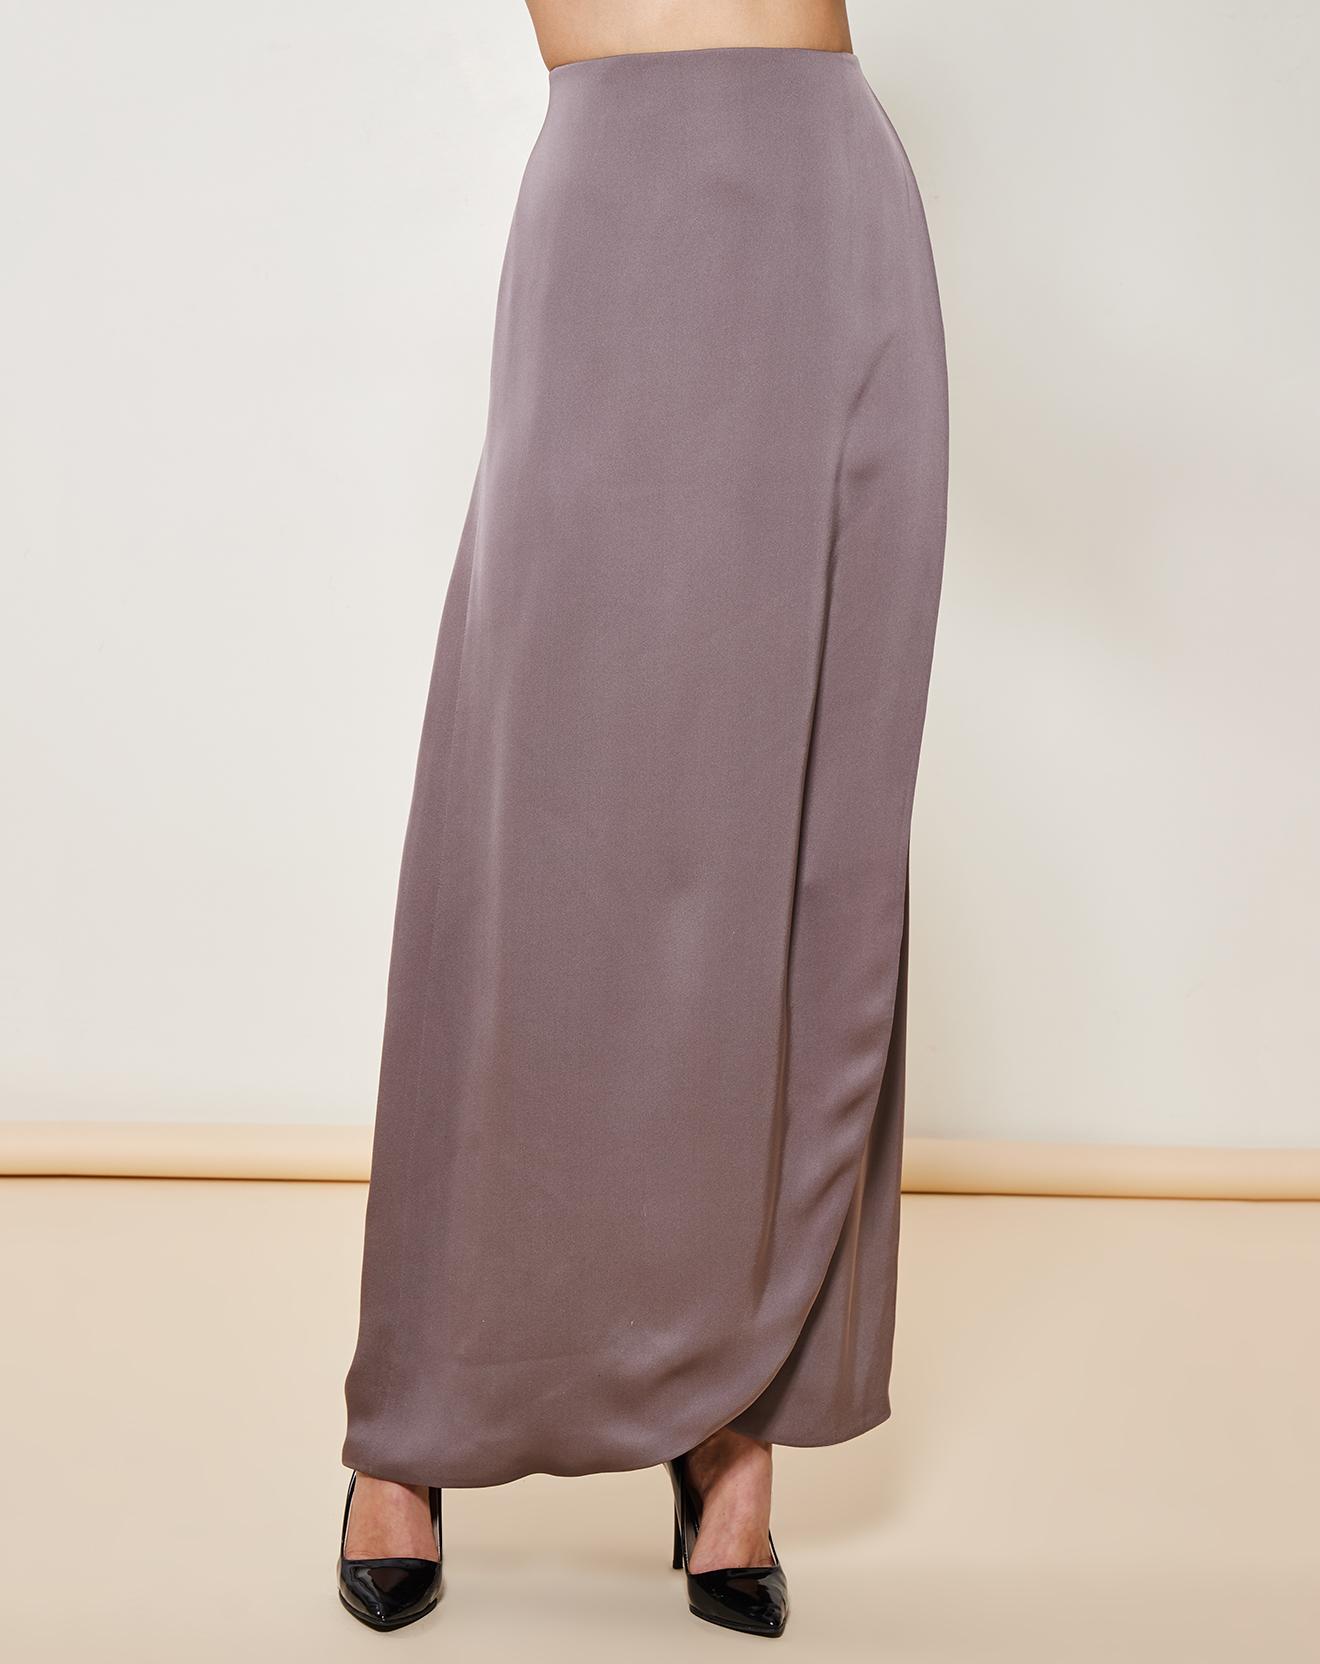 1d6998798154a6 Jupes femmes de la catégorie Mode Femme , page: 7